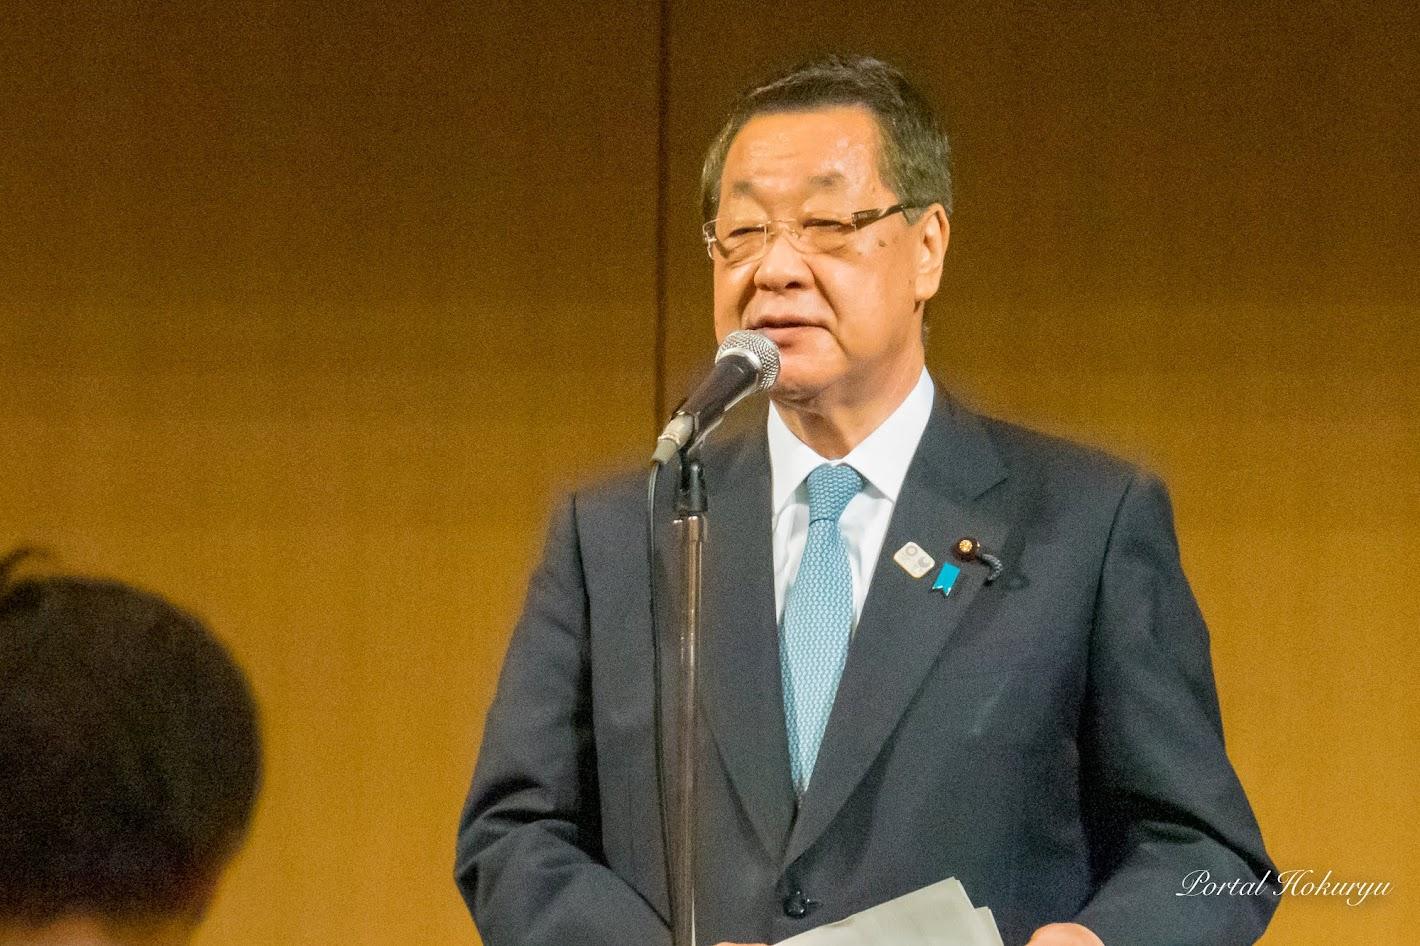 吉川貴盛 農林水産大臣